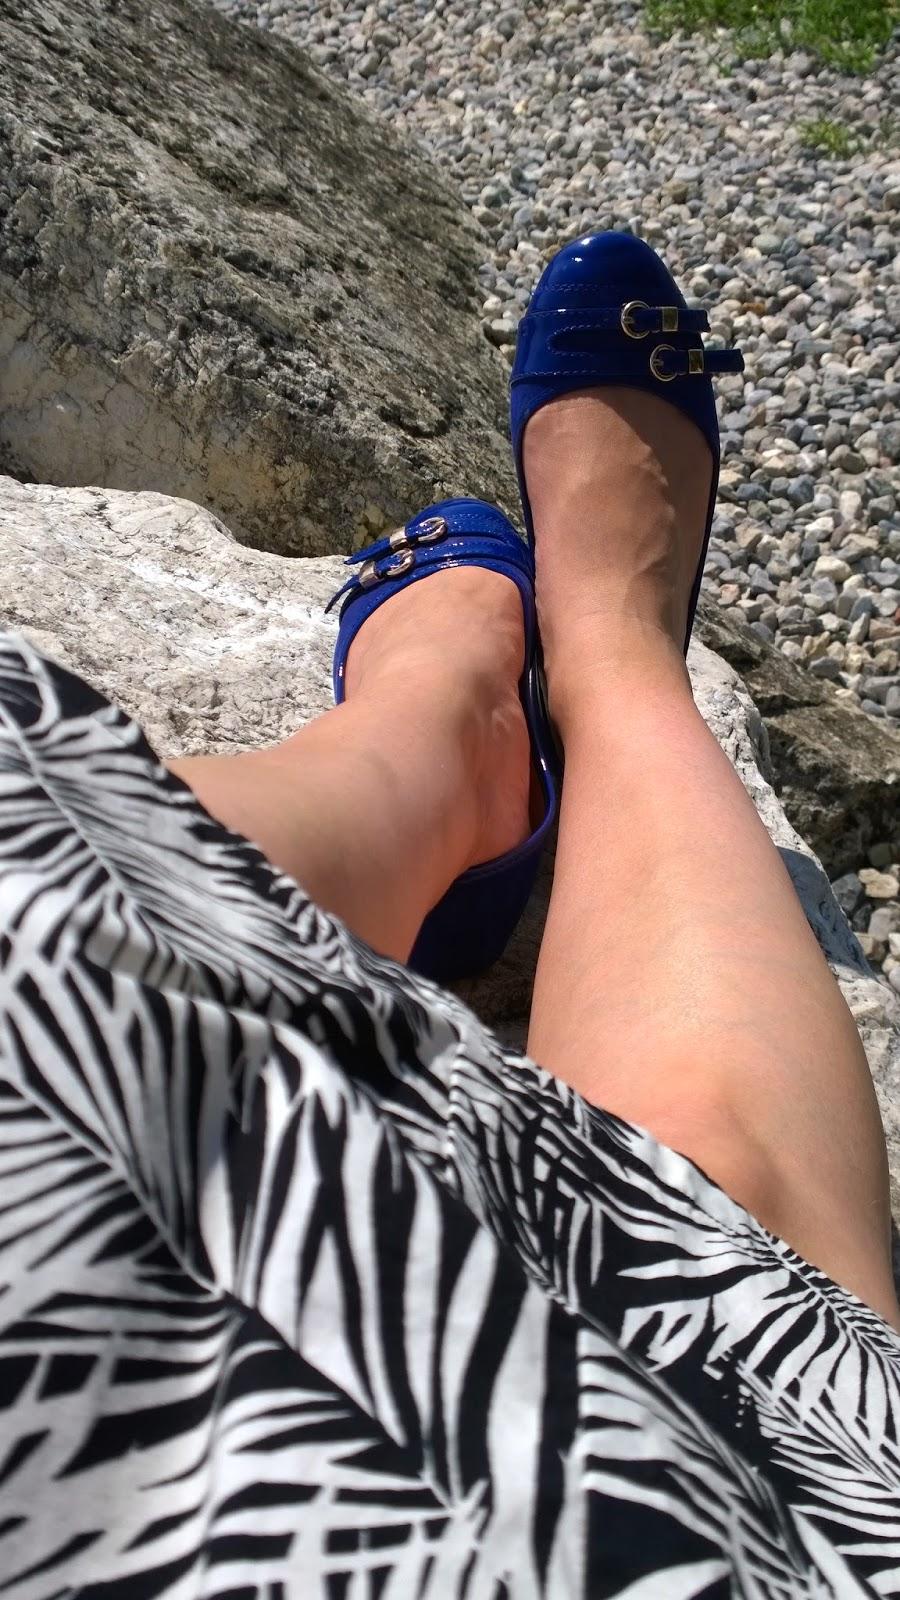 Legs & blue ballet flats